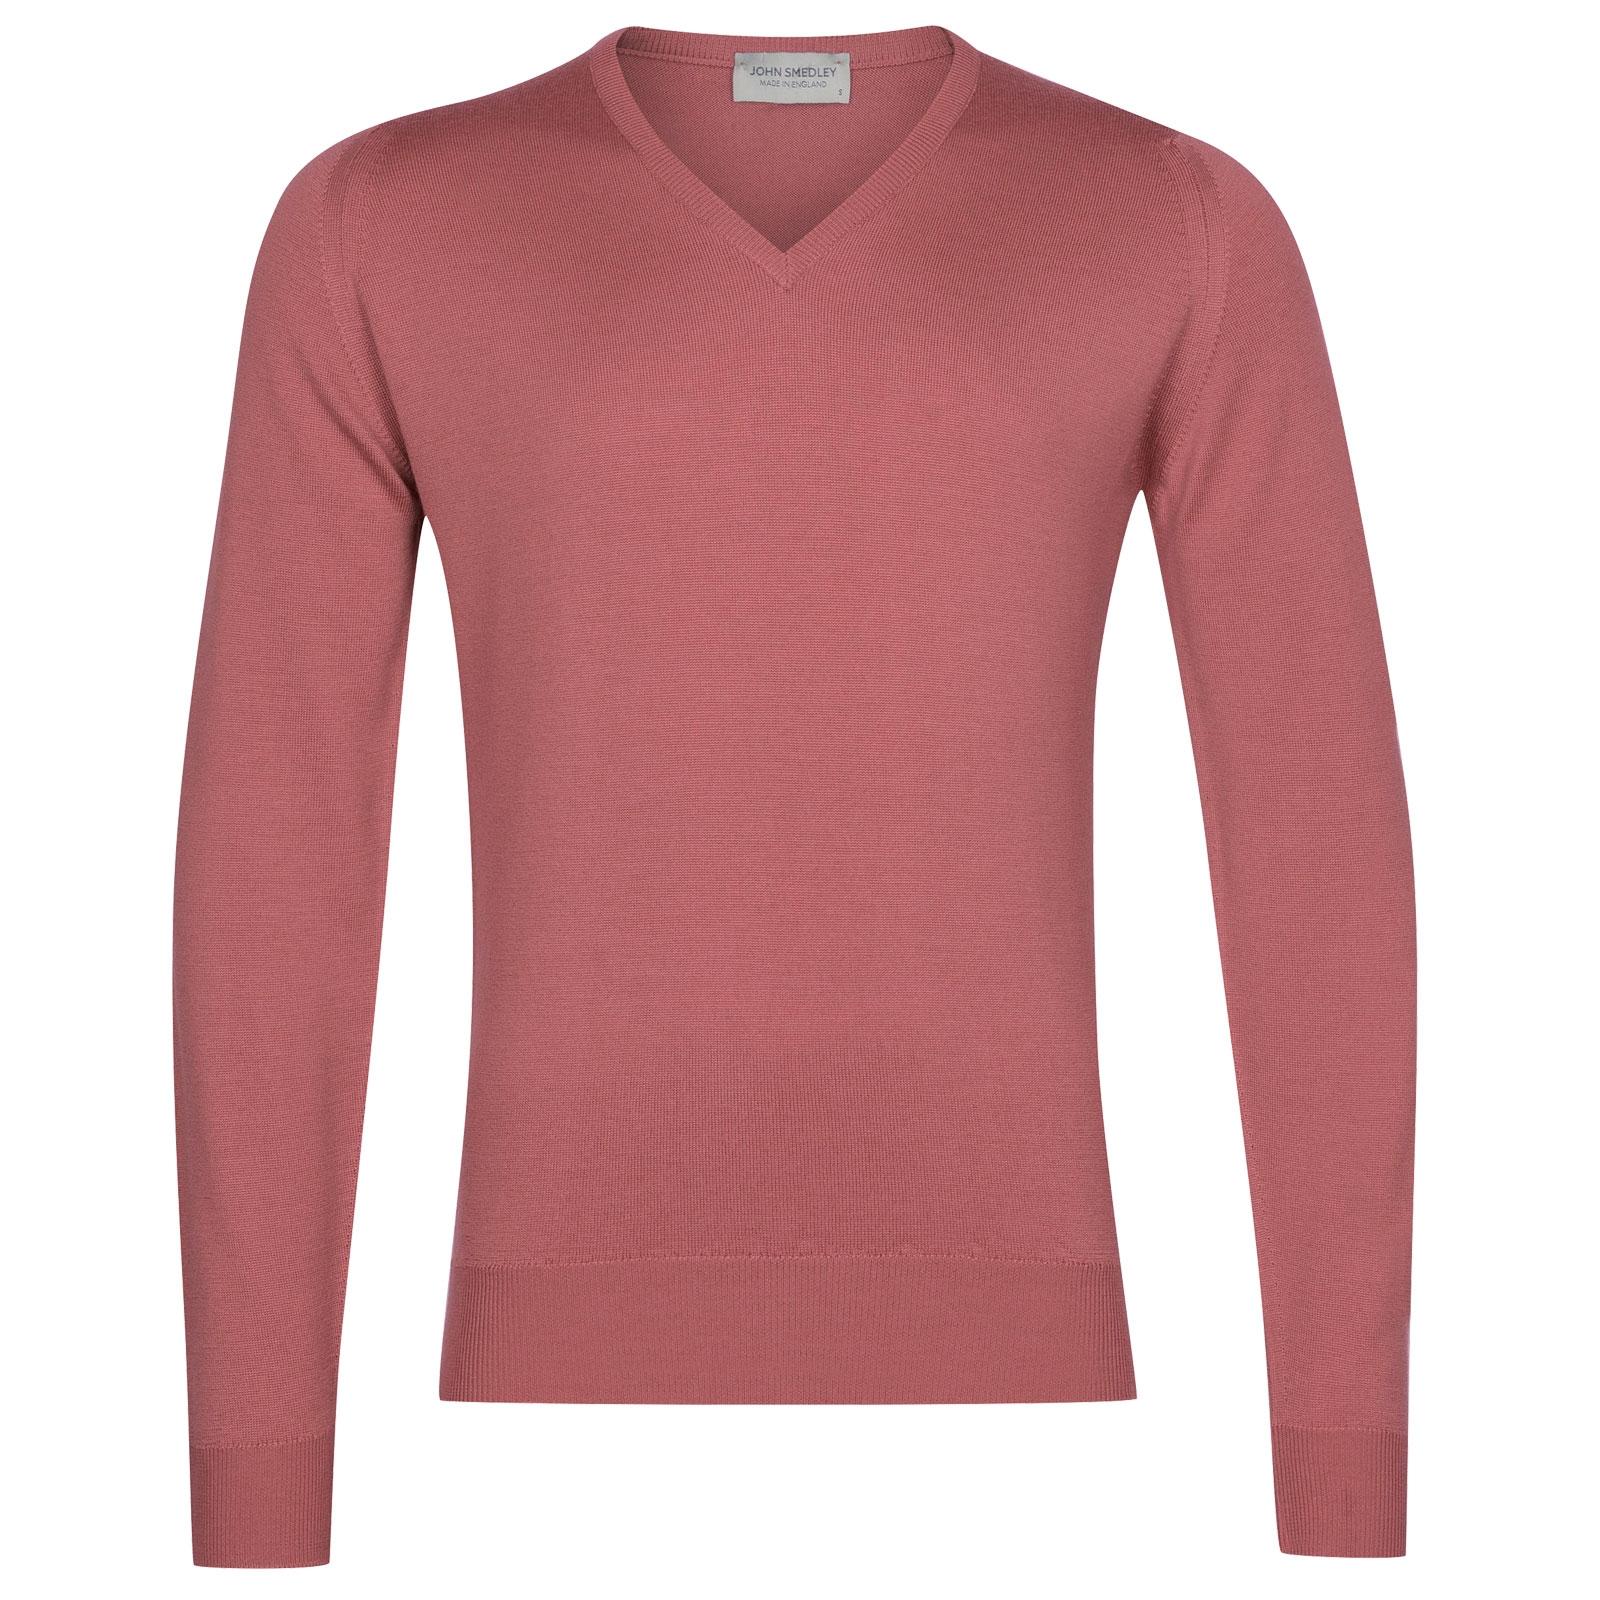 John Smedley Blenheim in Azalea Pink Pullover-LGE